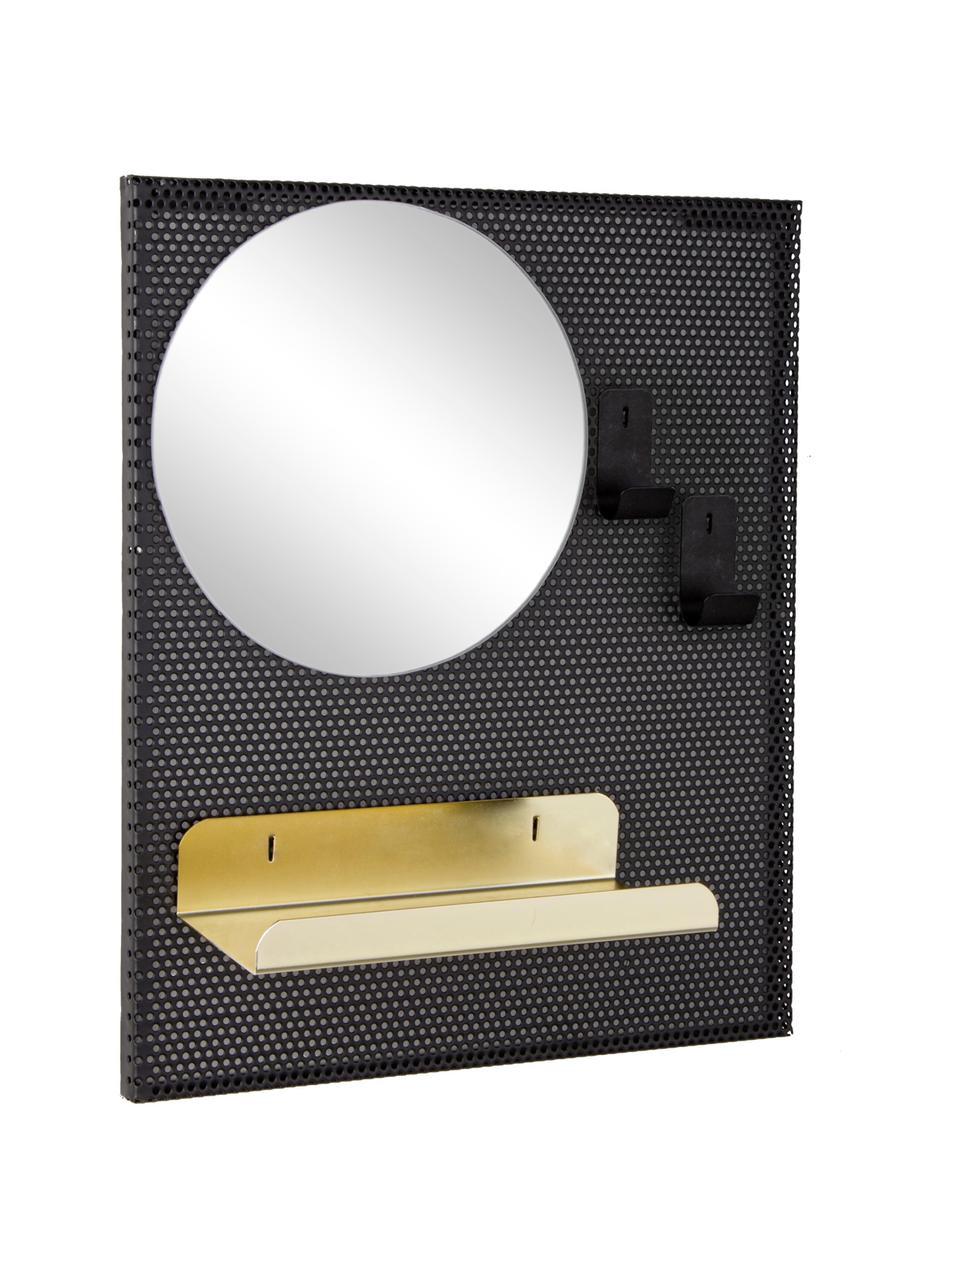 Wandspiegel Metric met metalen frame en plank, Zwart, goudkleurig, 31 x 37 cm